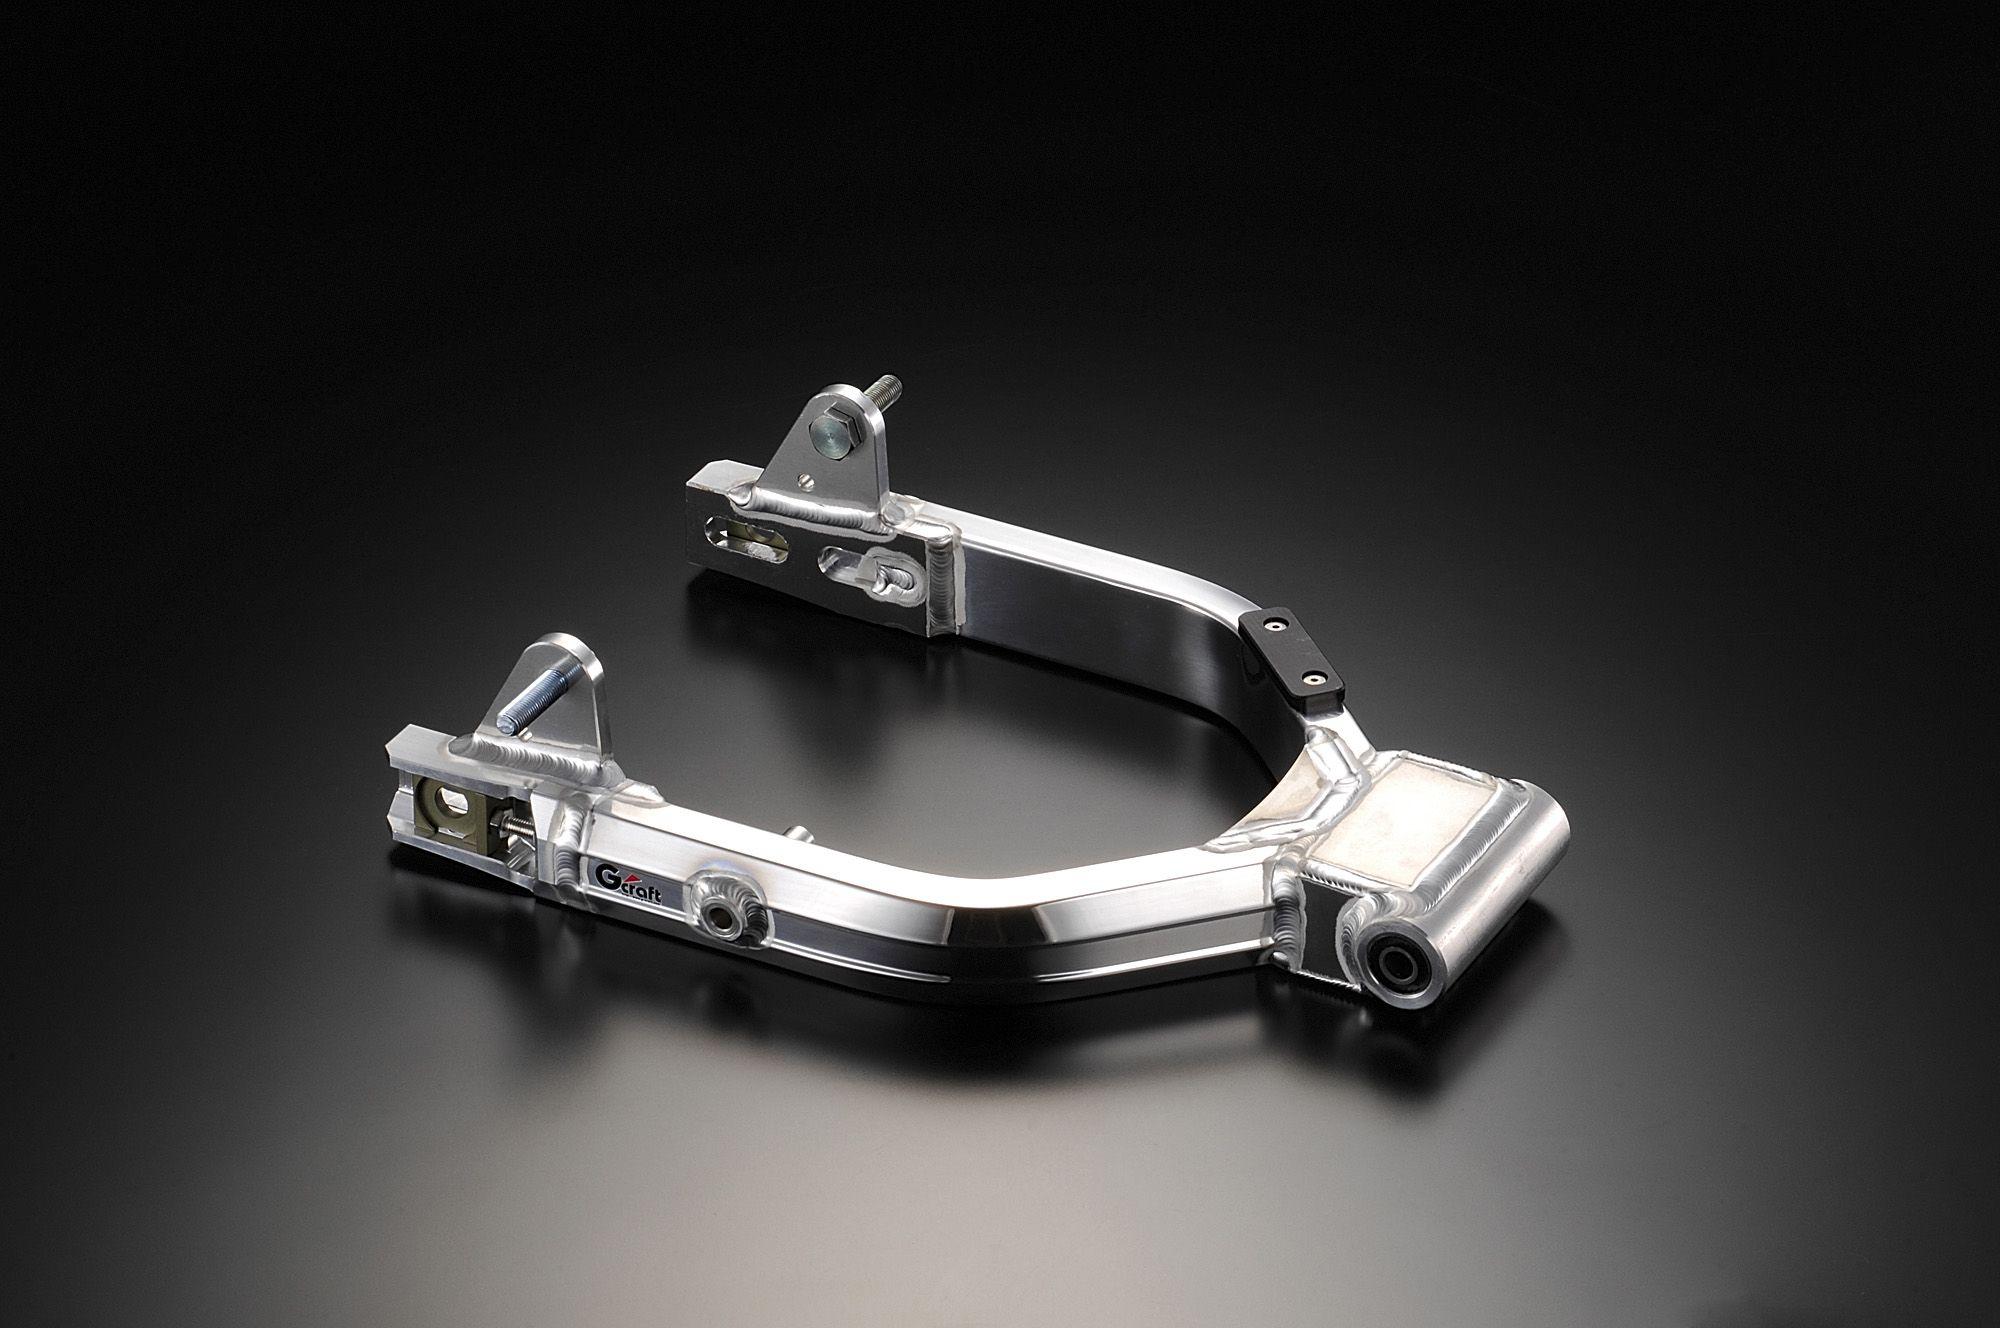 DAX專用多角型雙避震後搖臂mini 加長4cm